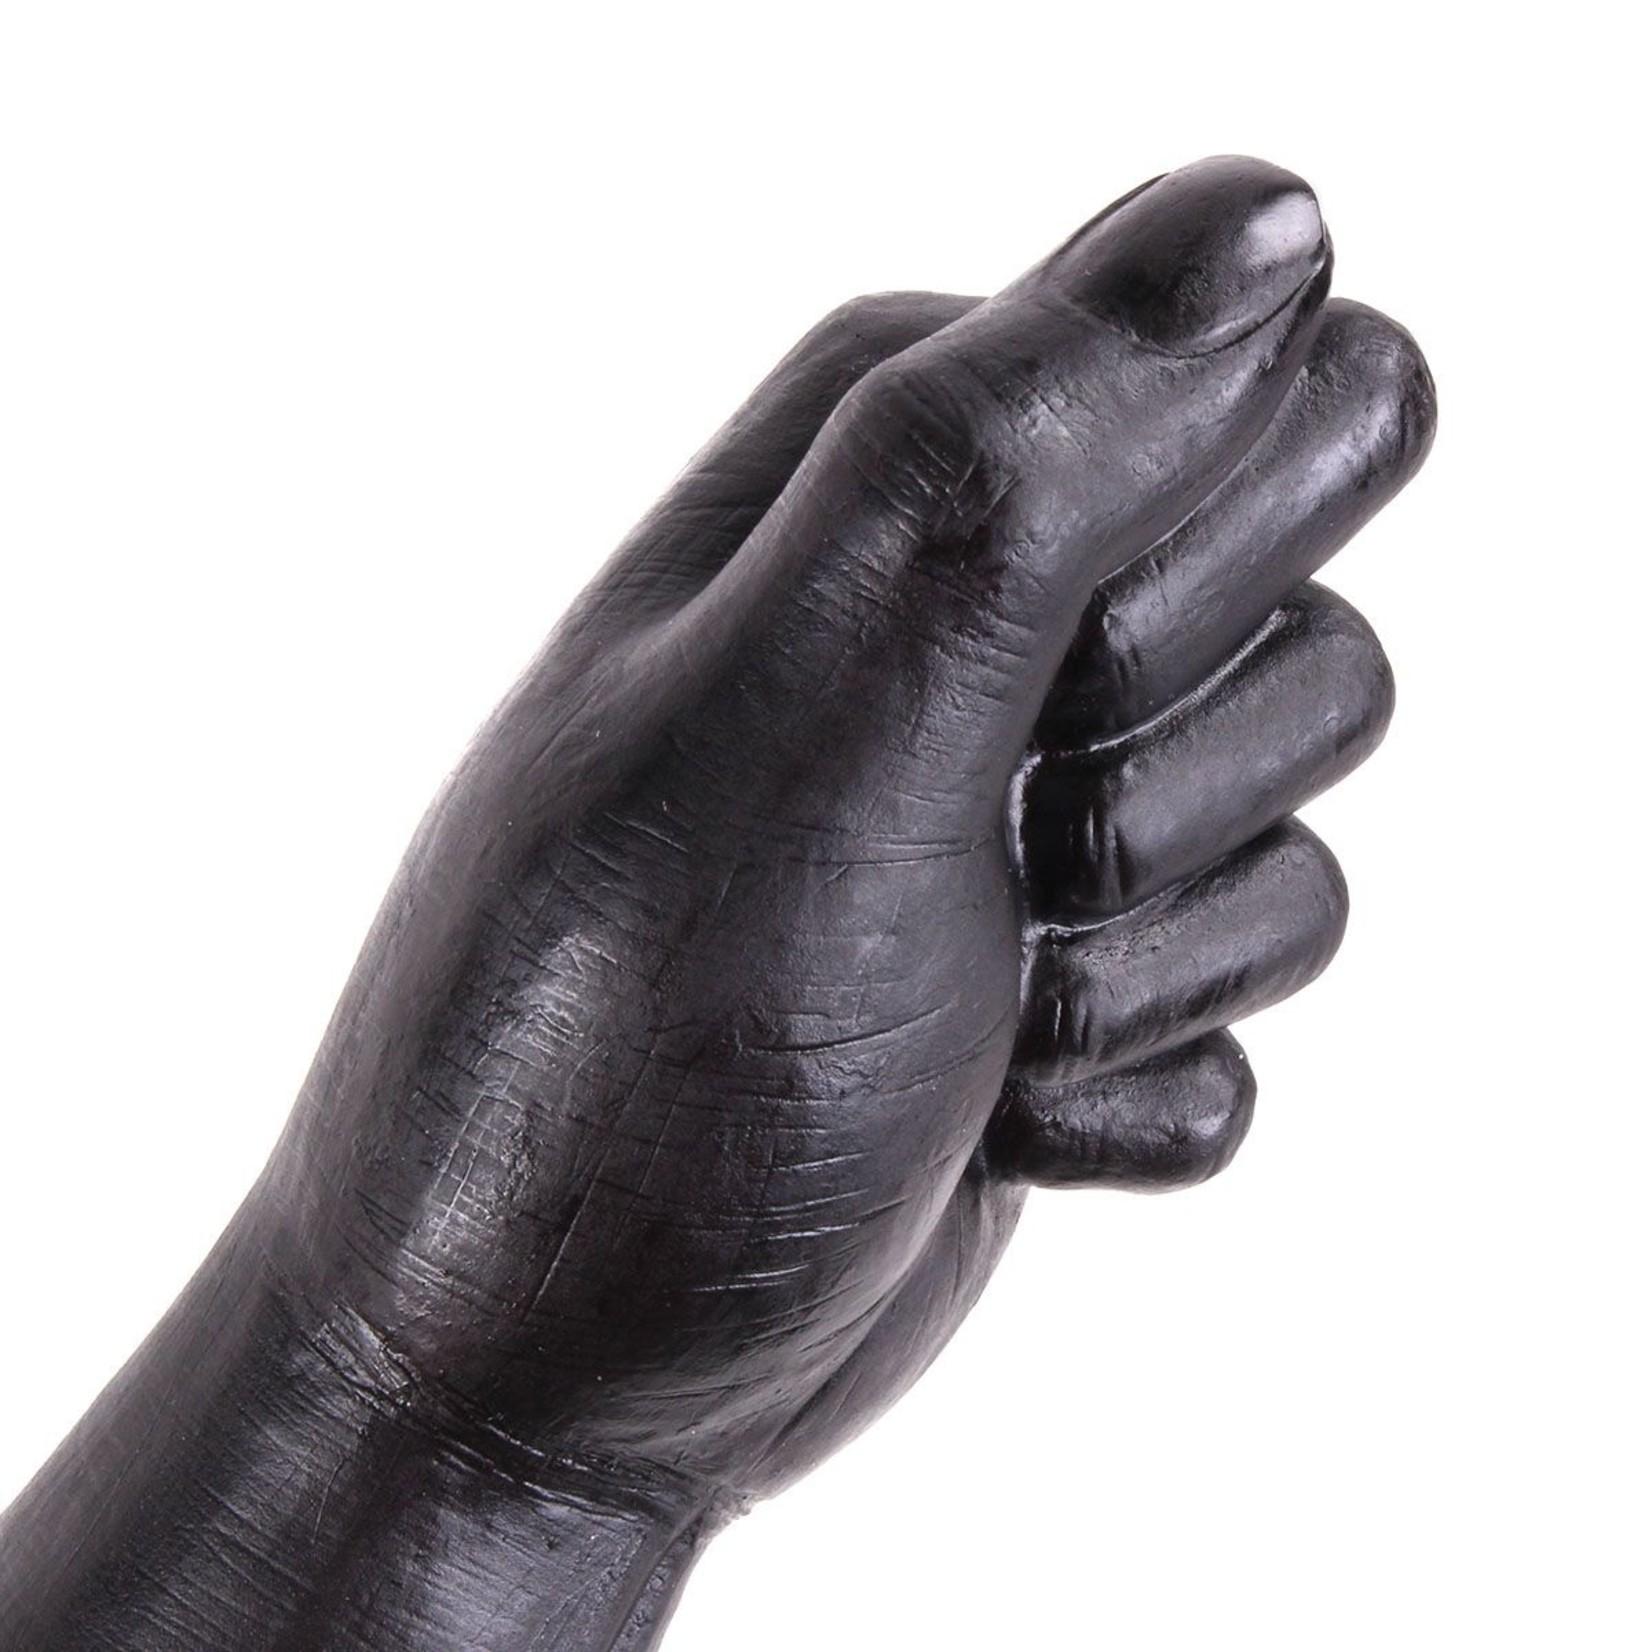 Dinoo Dildos Dinoo King-Size Dildo - Cock Fist Small Zwart